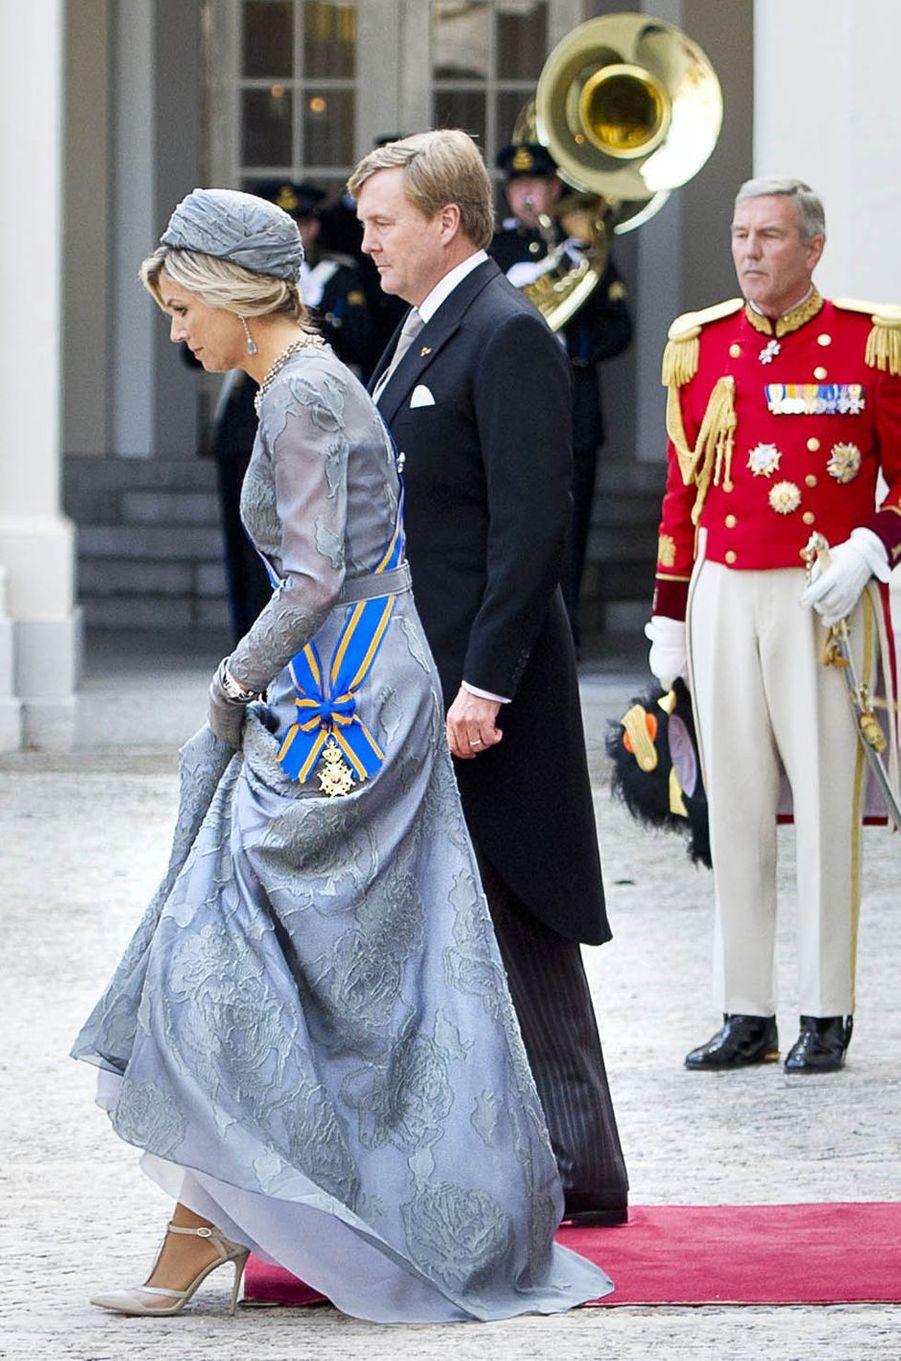 La reine Maxima et le roi Willem-Alexander des Pays-Bas à La Haye, le 19 septembre 2017